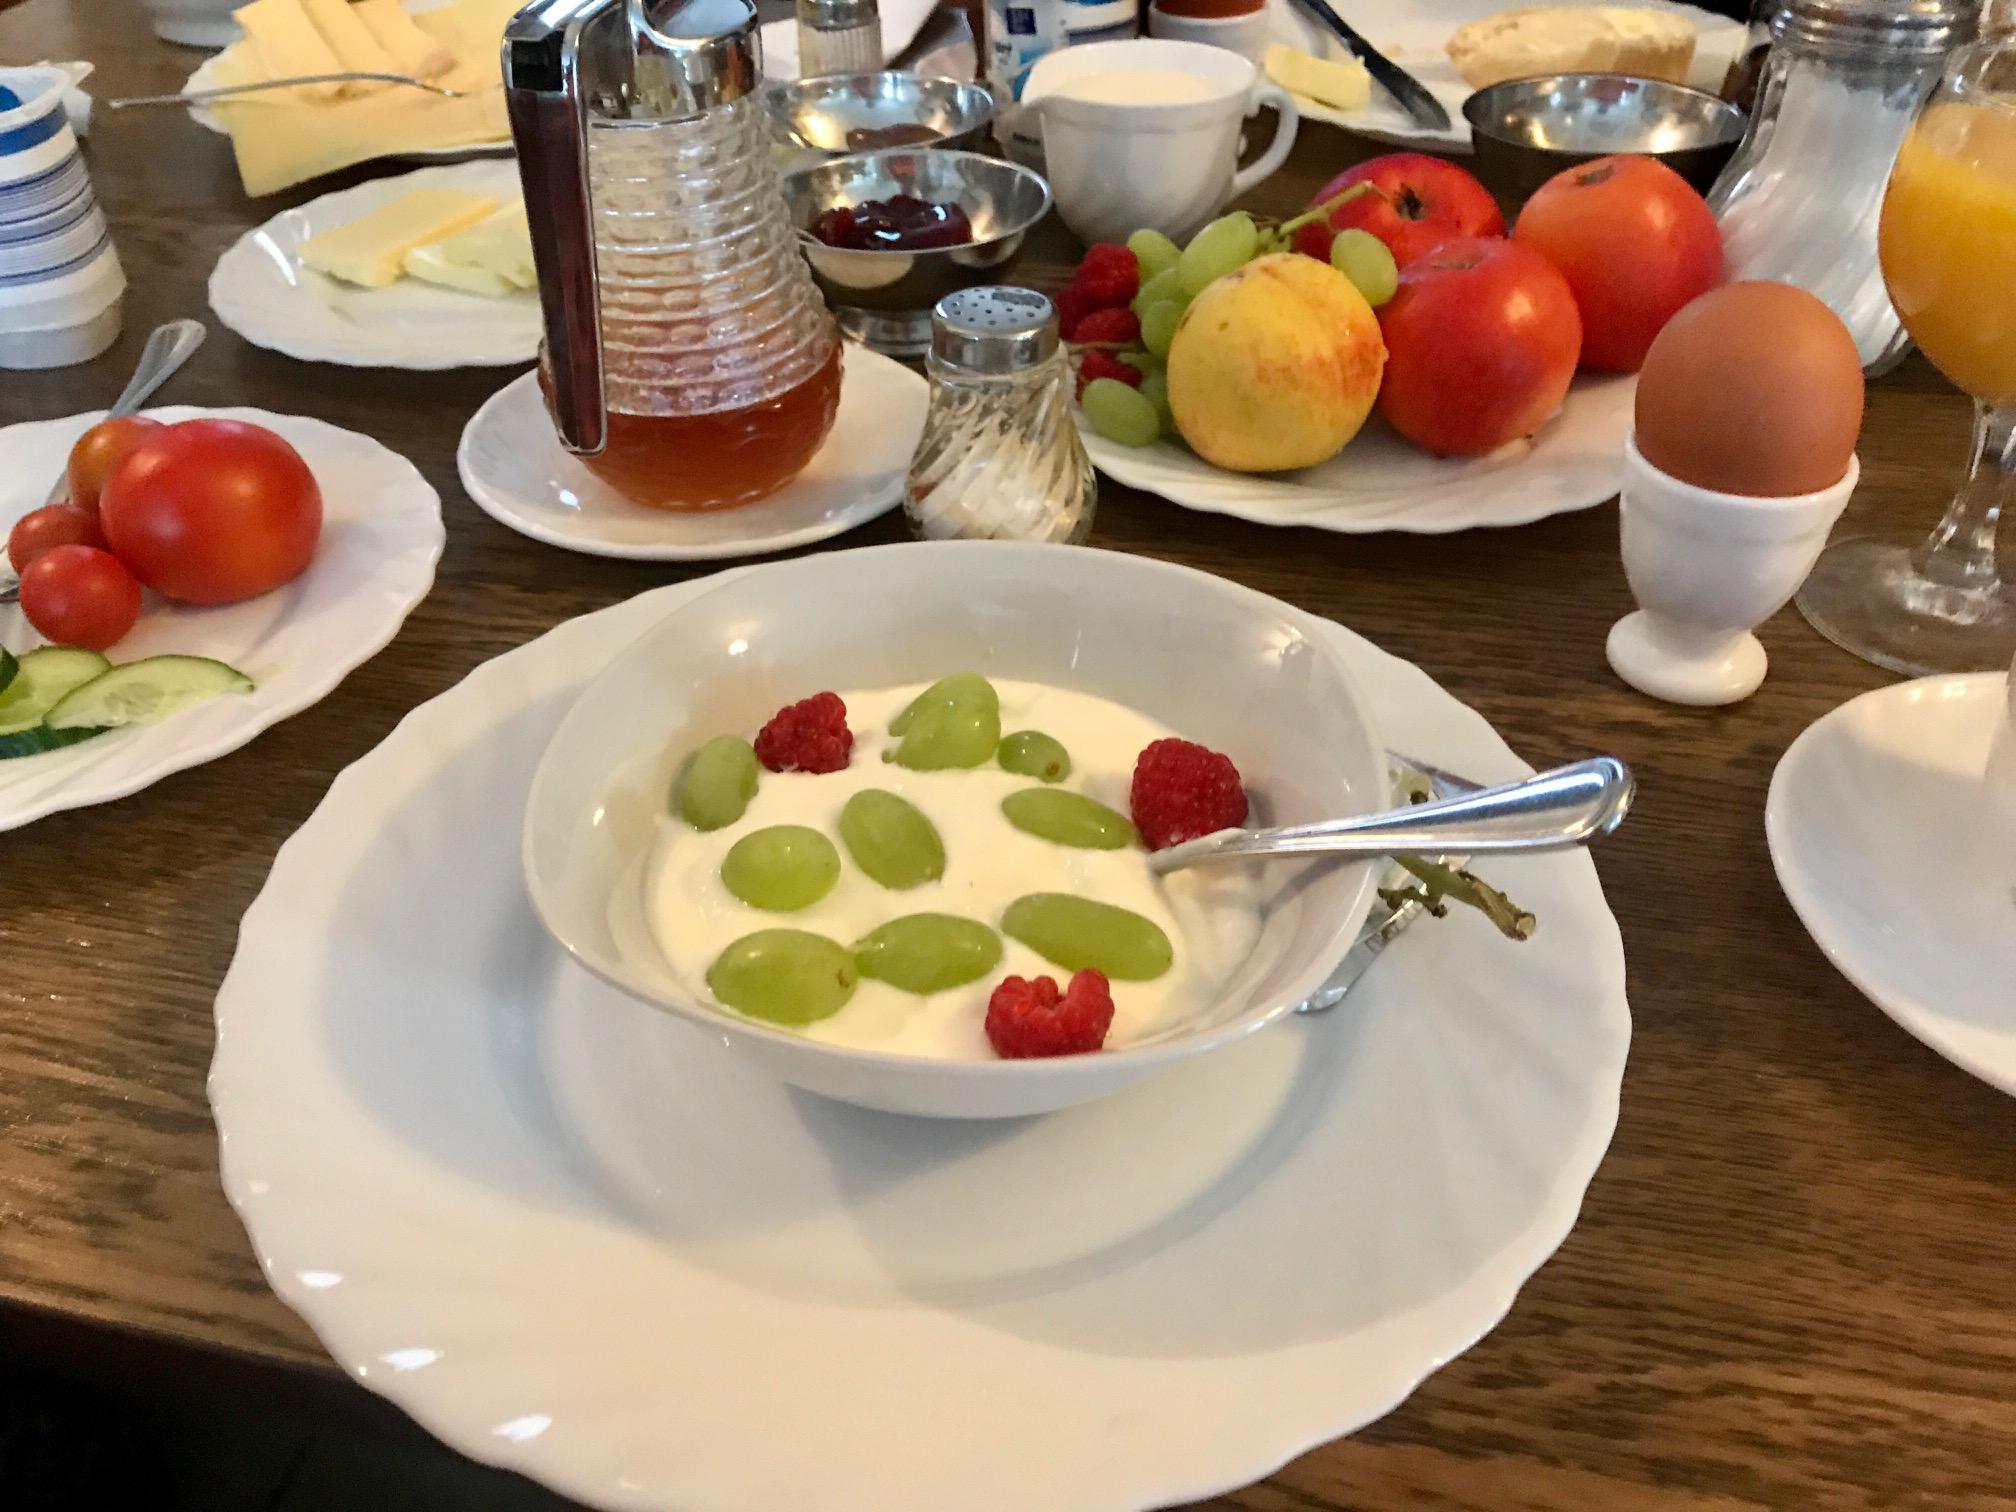 Frühstück Gasthof am Buchberg Mönchsdeggingen